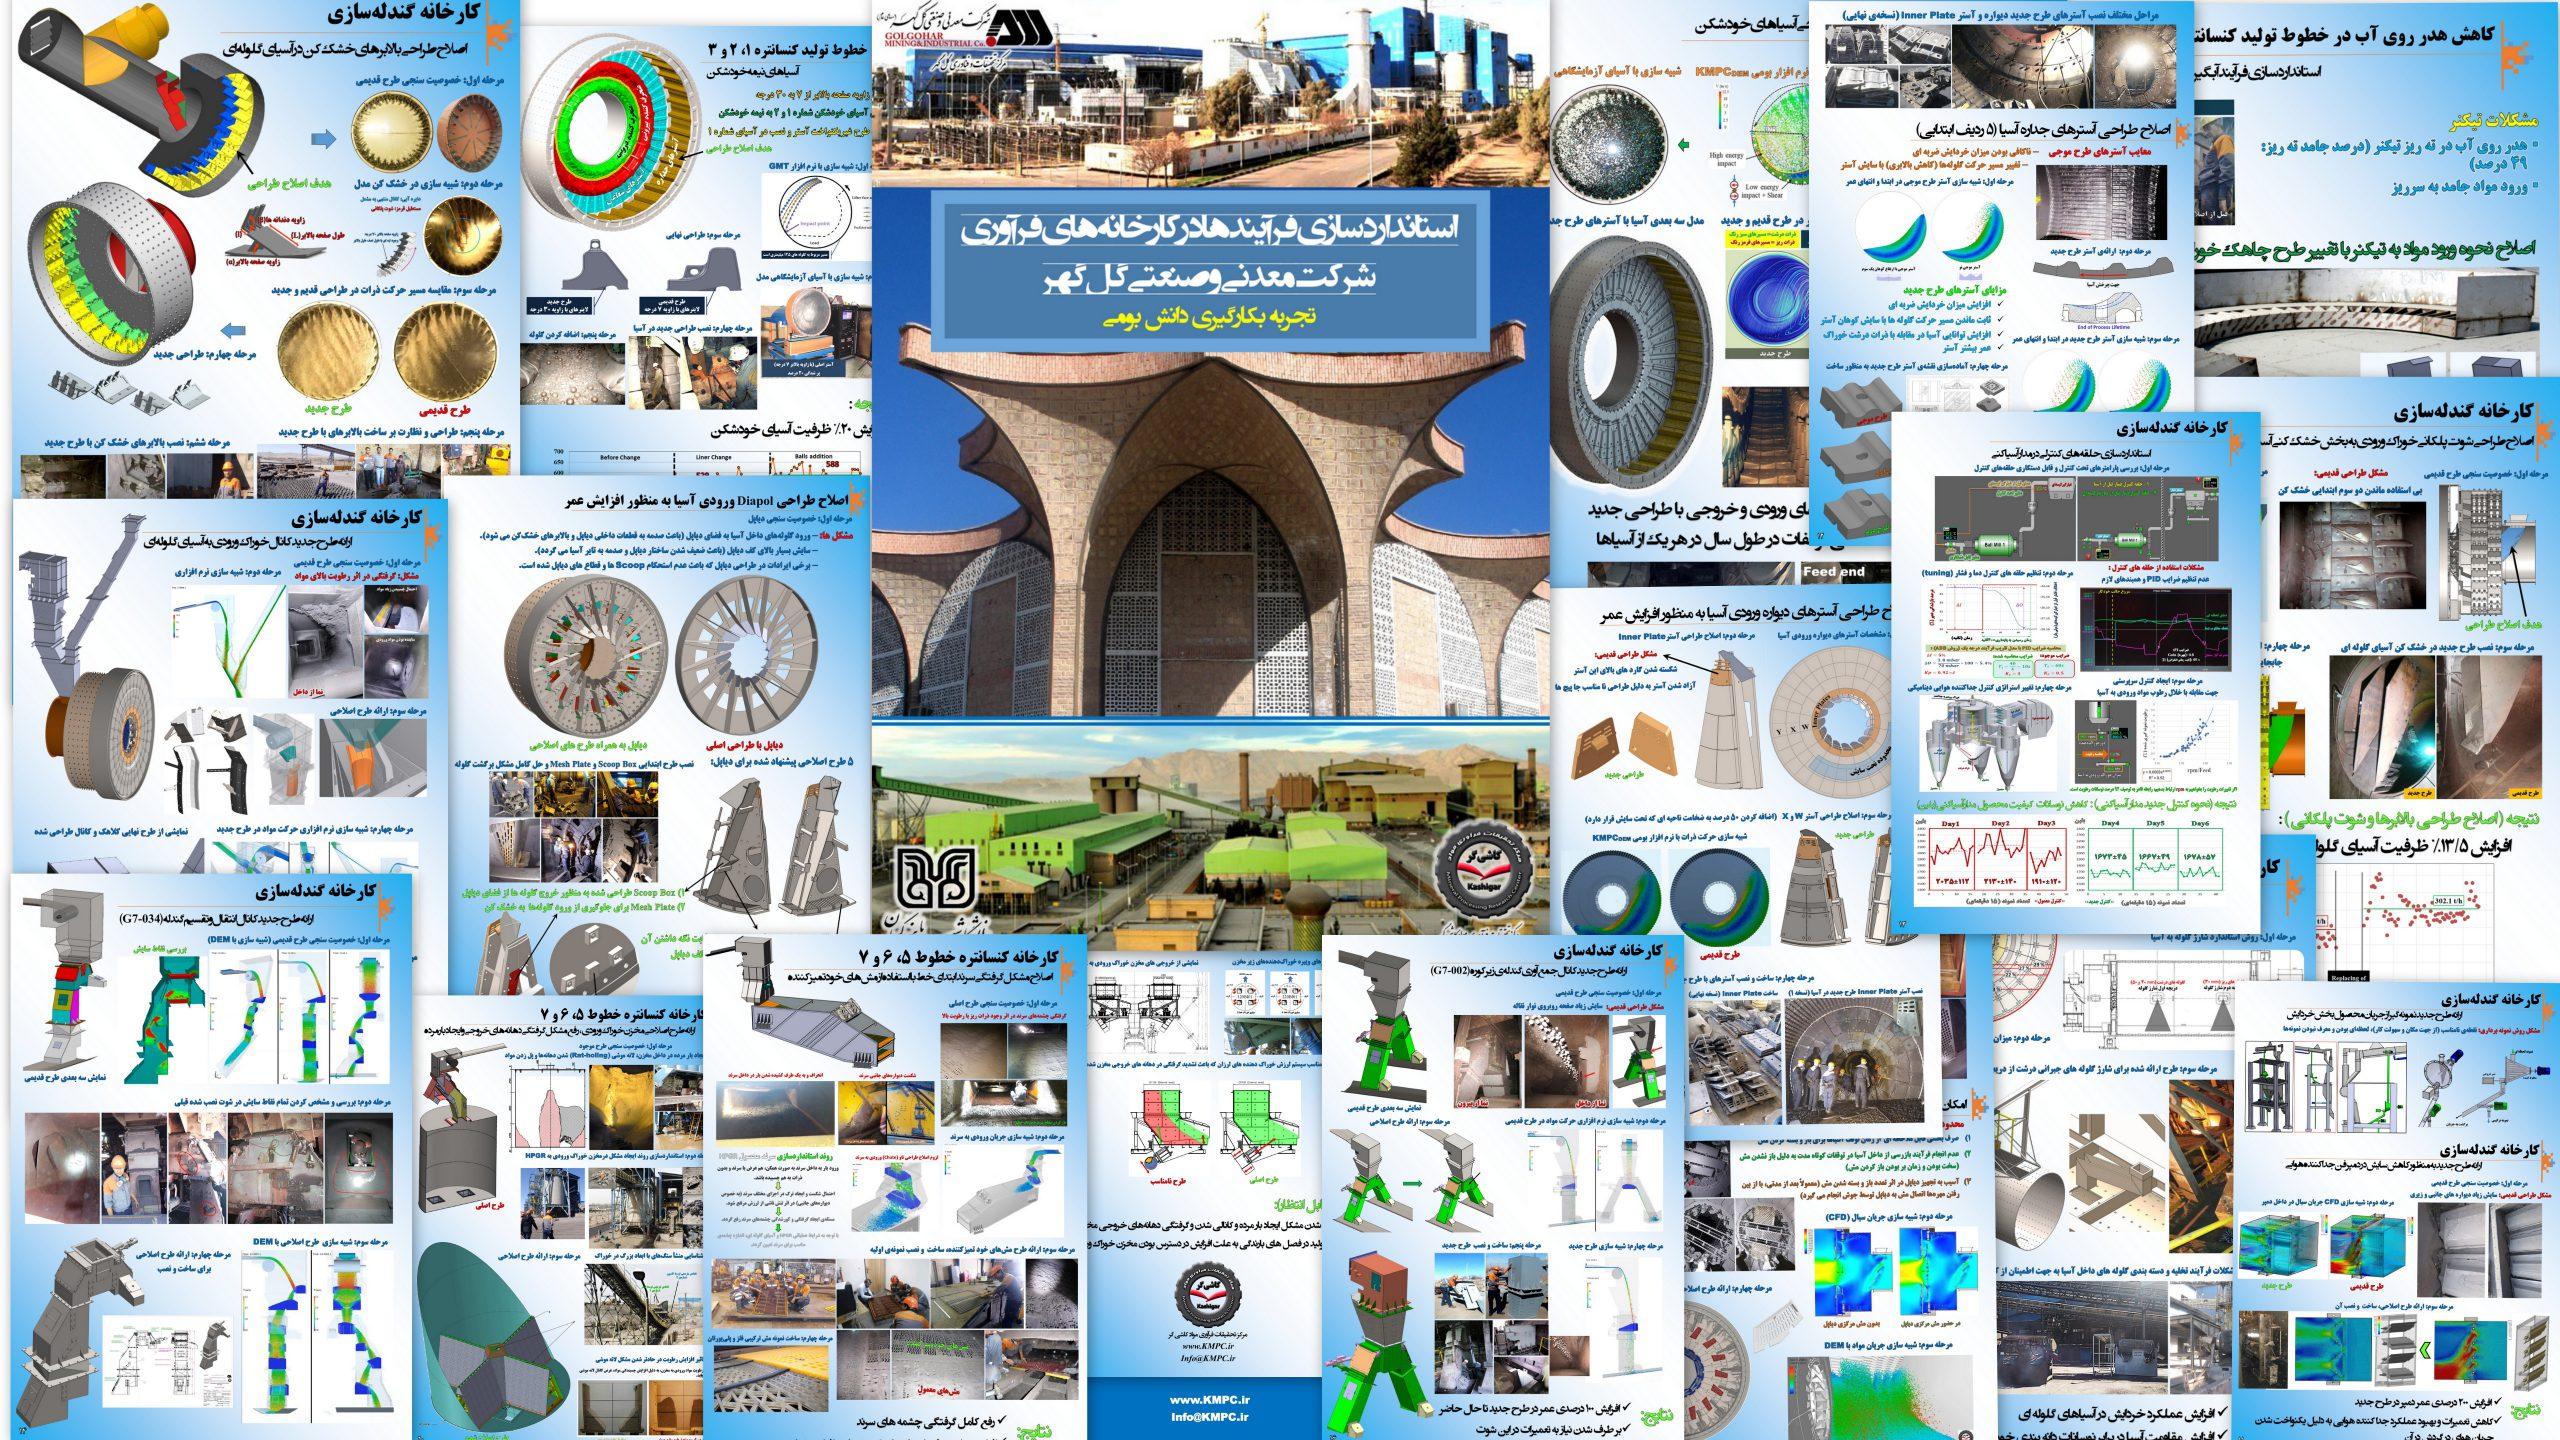 ارائه خلاصه عملکرد ۱۱ ساله ( ۹۹ – ۸۸ ) مرکز تحقیقات فرآوری مواد کاشی گر در شرکت معدنی و صنعتی گل گهر